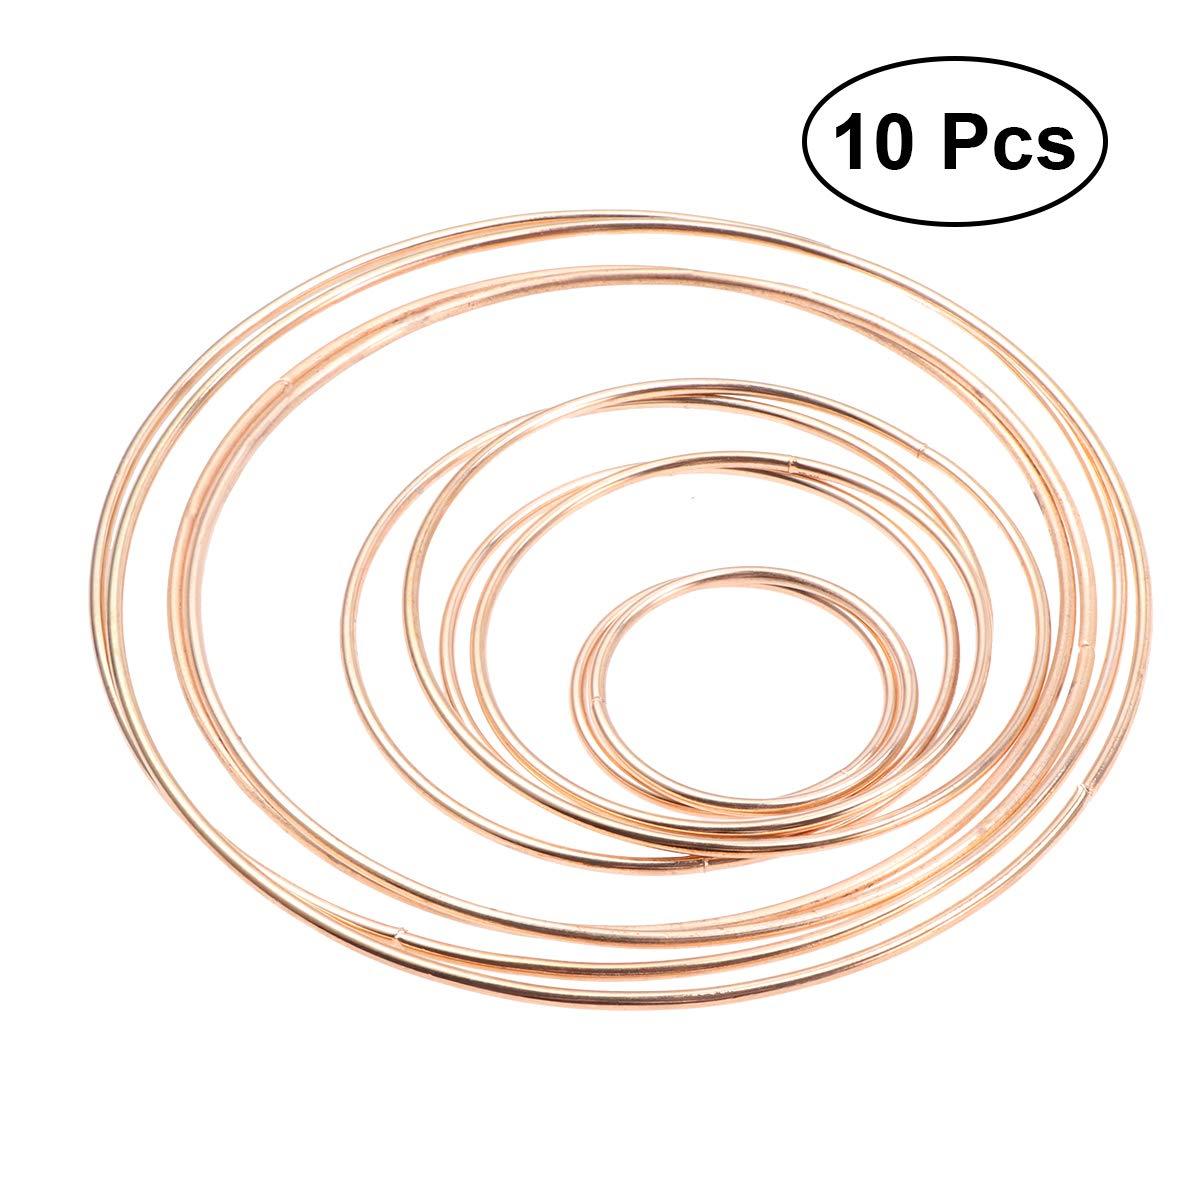 Vosarea 10pcs Anillos de Metal Aros Metal macramé Anillos para de Atrapasueños Bricolaje artesanía (5cm/8cm/10cm/14cm/16cm)